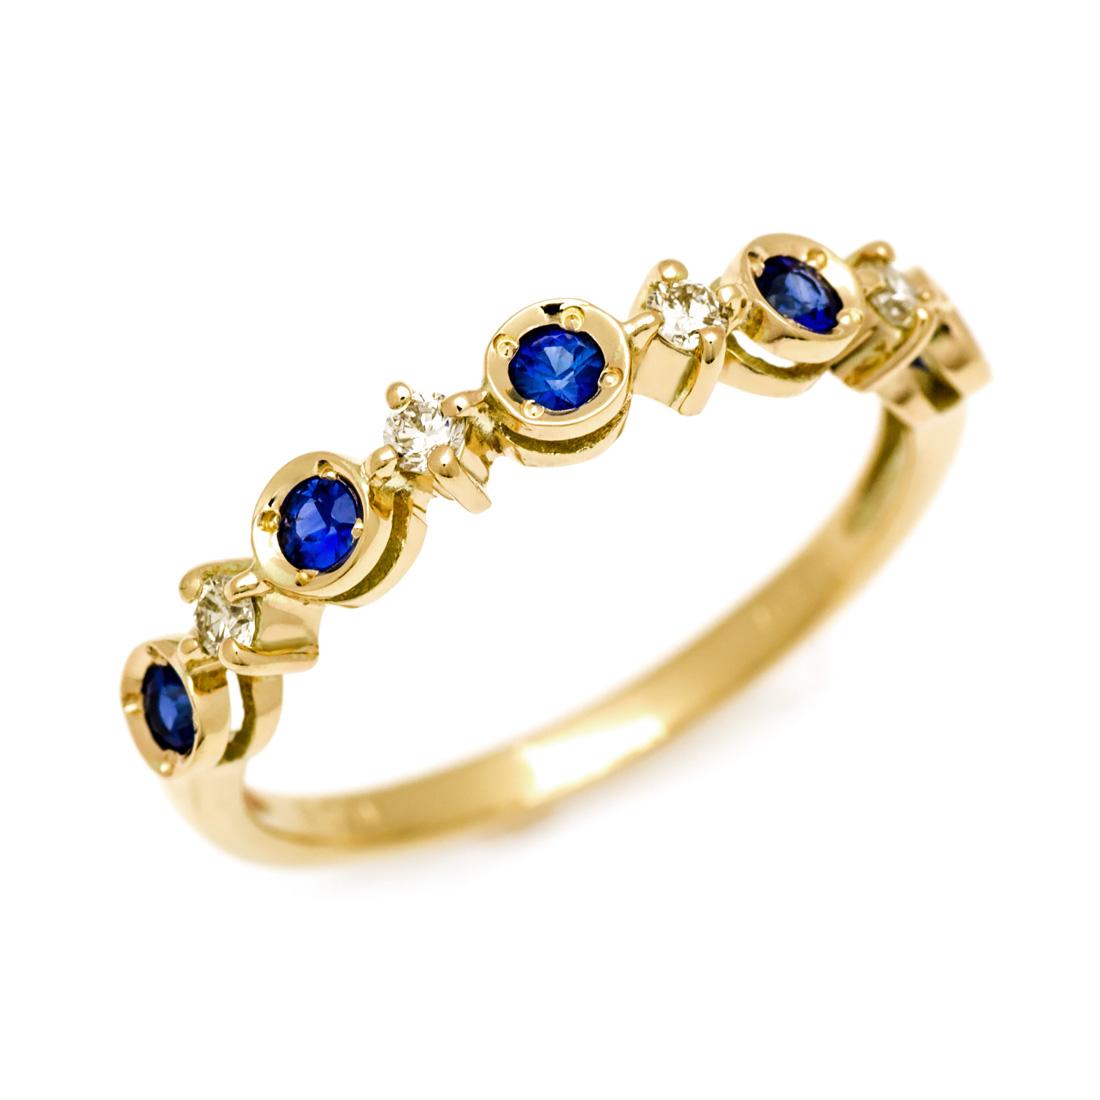 リング ブルーサファイア ダイヤモンド ゴールド K10